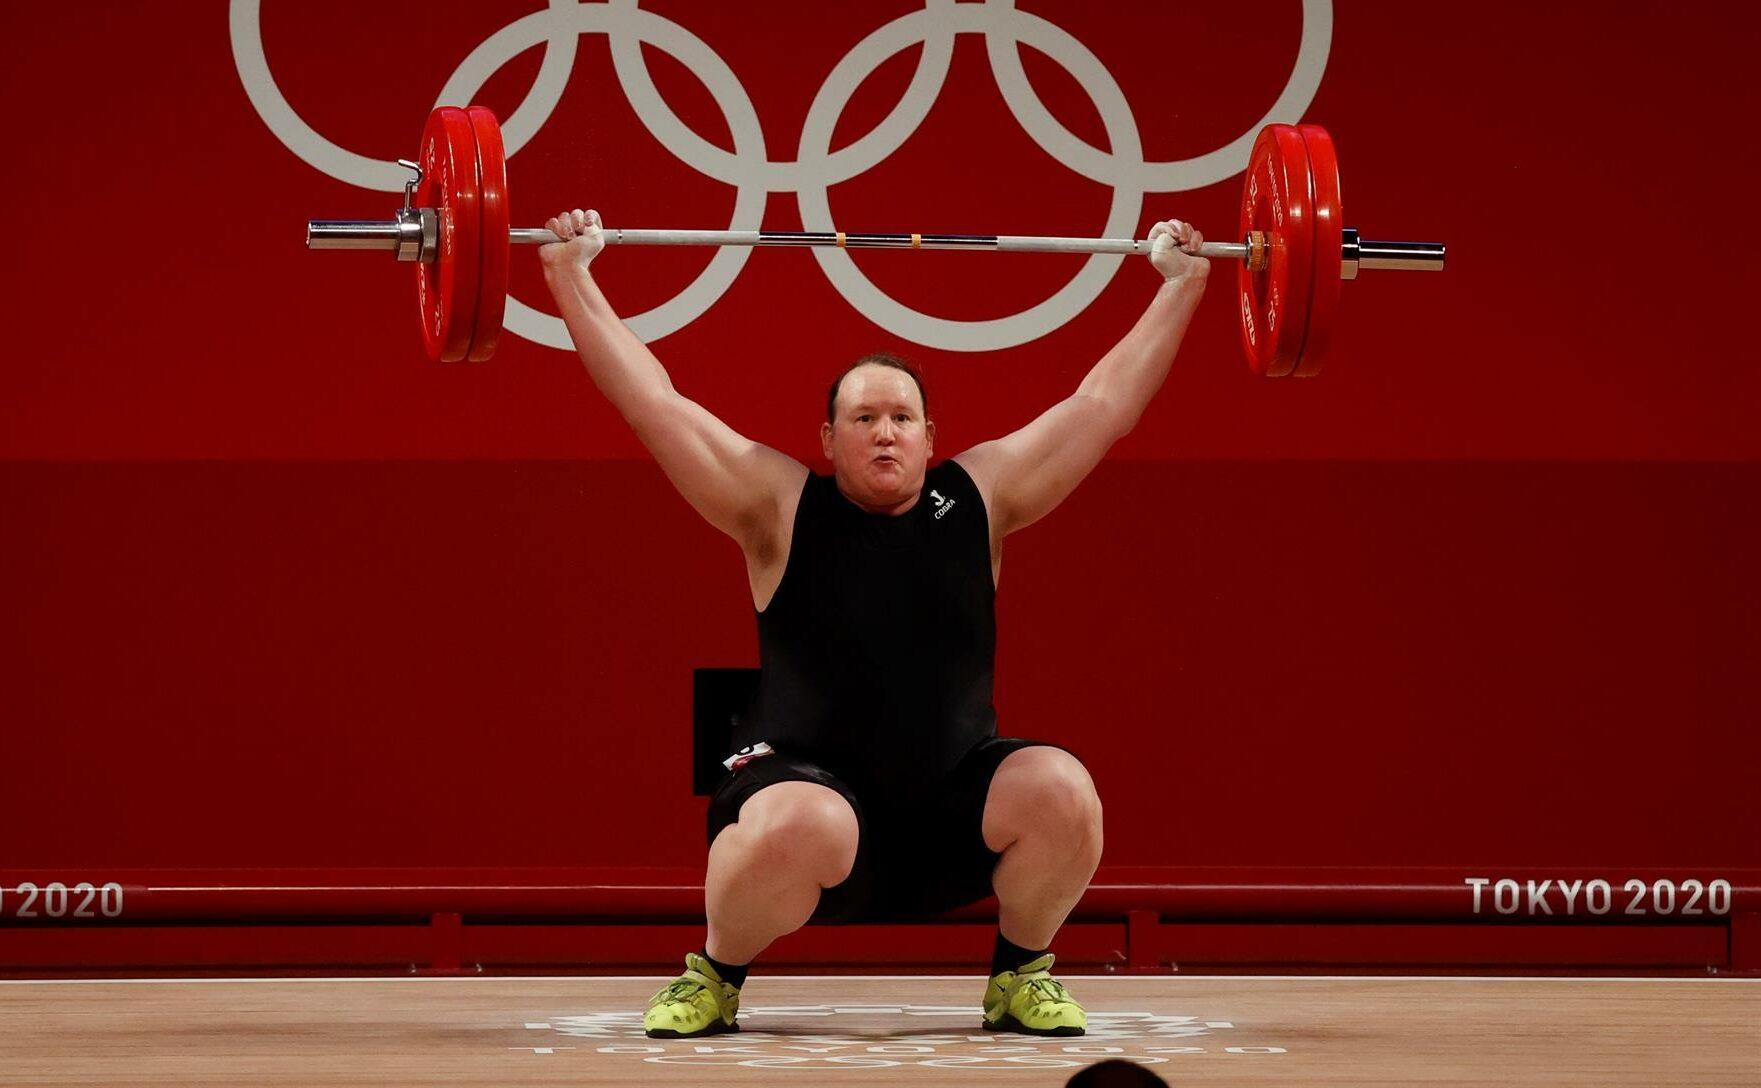 Laurel Hubbard ficou sem medalhas nos Jogos Olímpicos de Tóquio